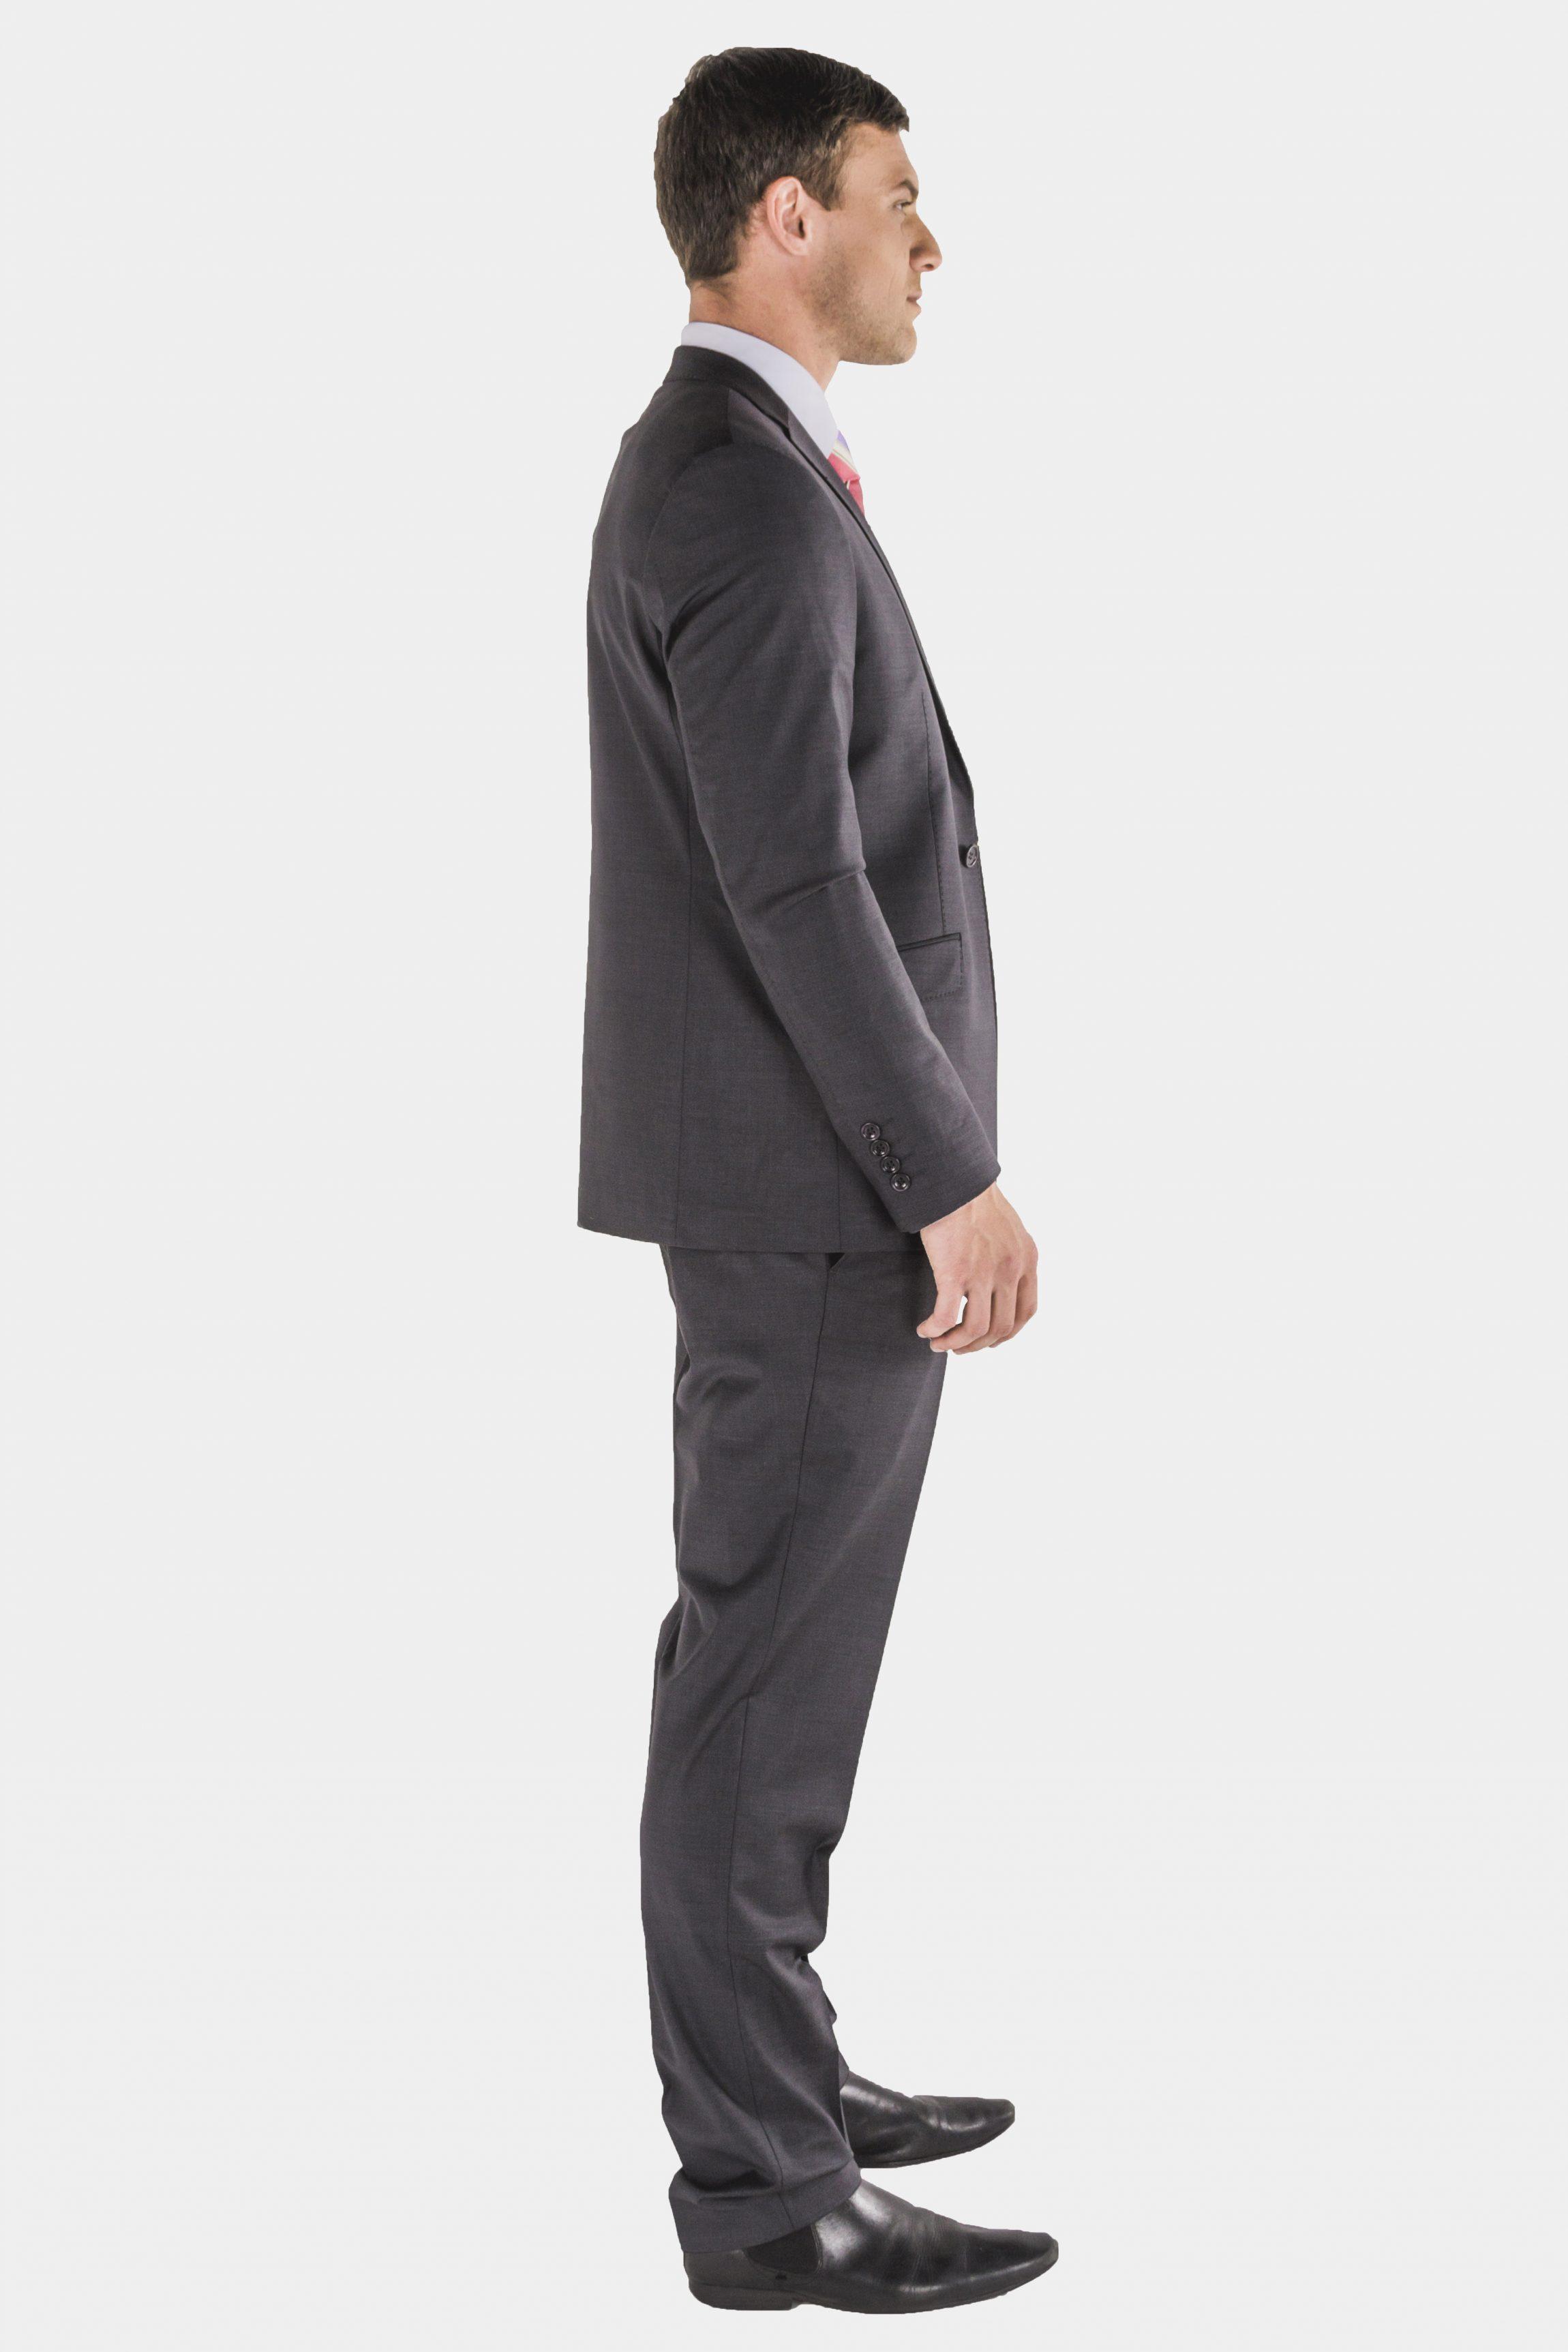 Bagozza charcoal suit